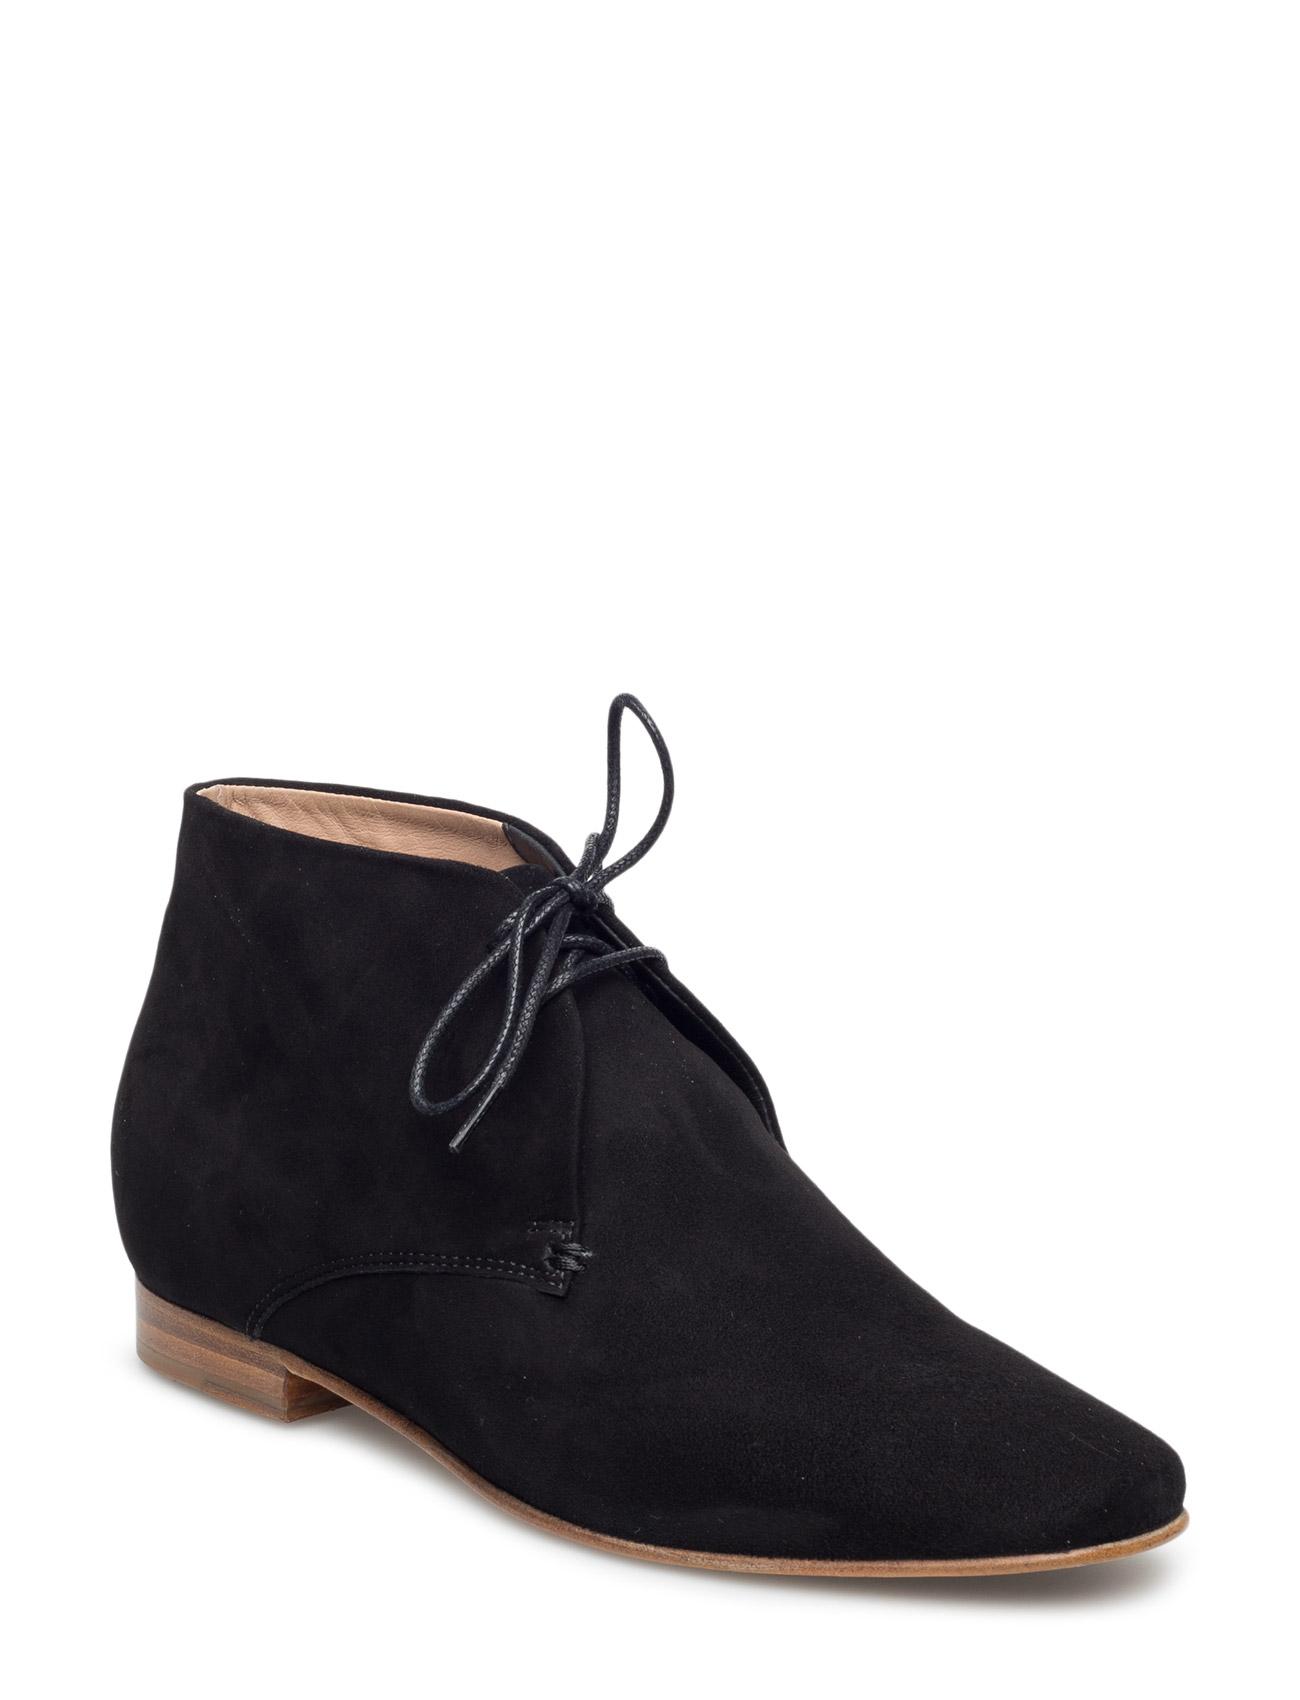 Chris Desert Boot Filippa K Støvler til Damer i